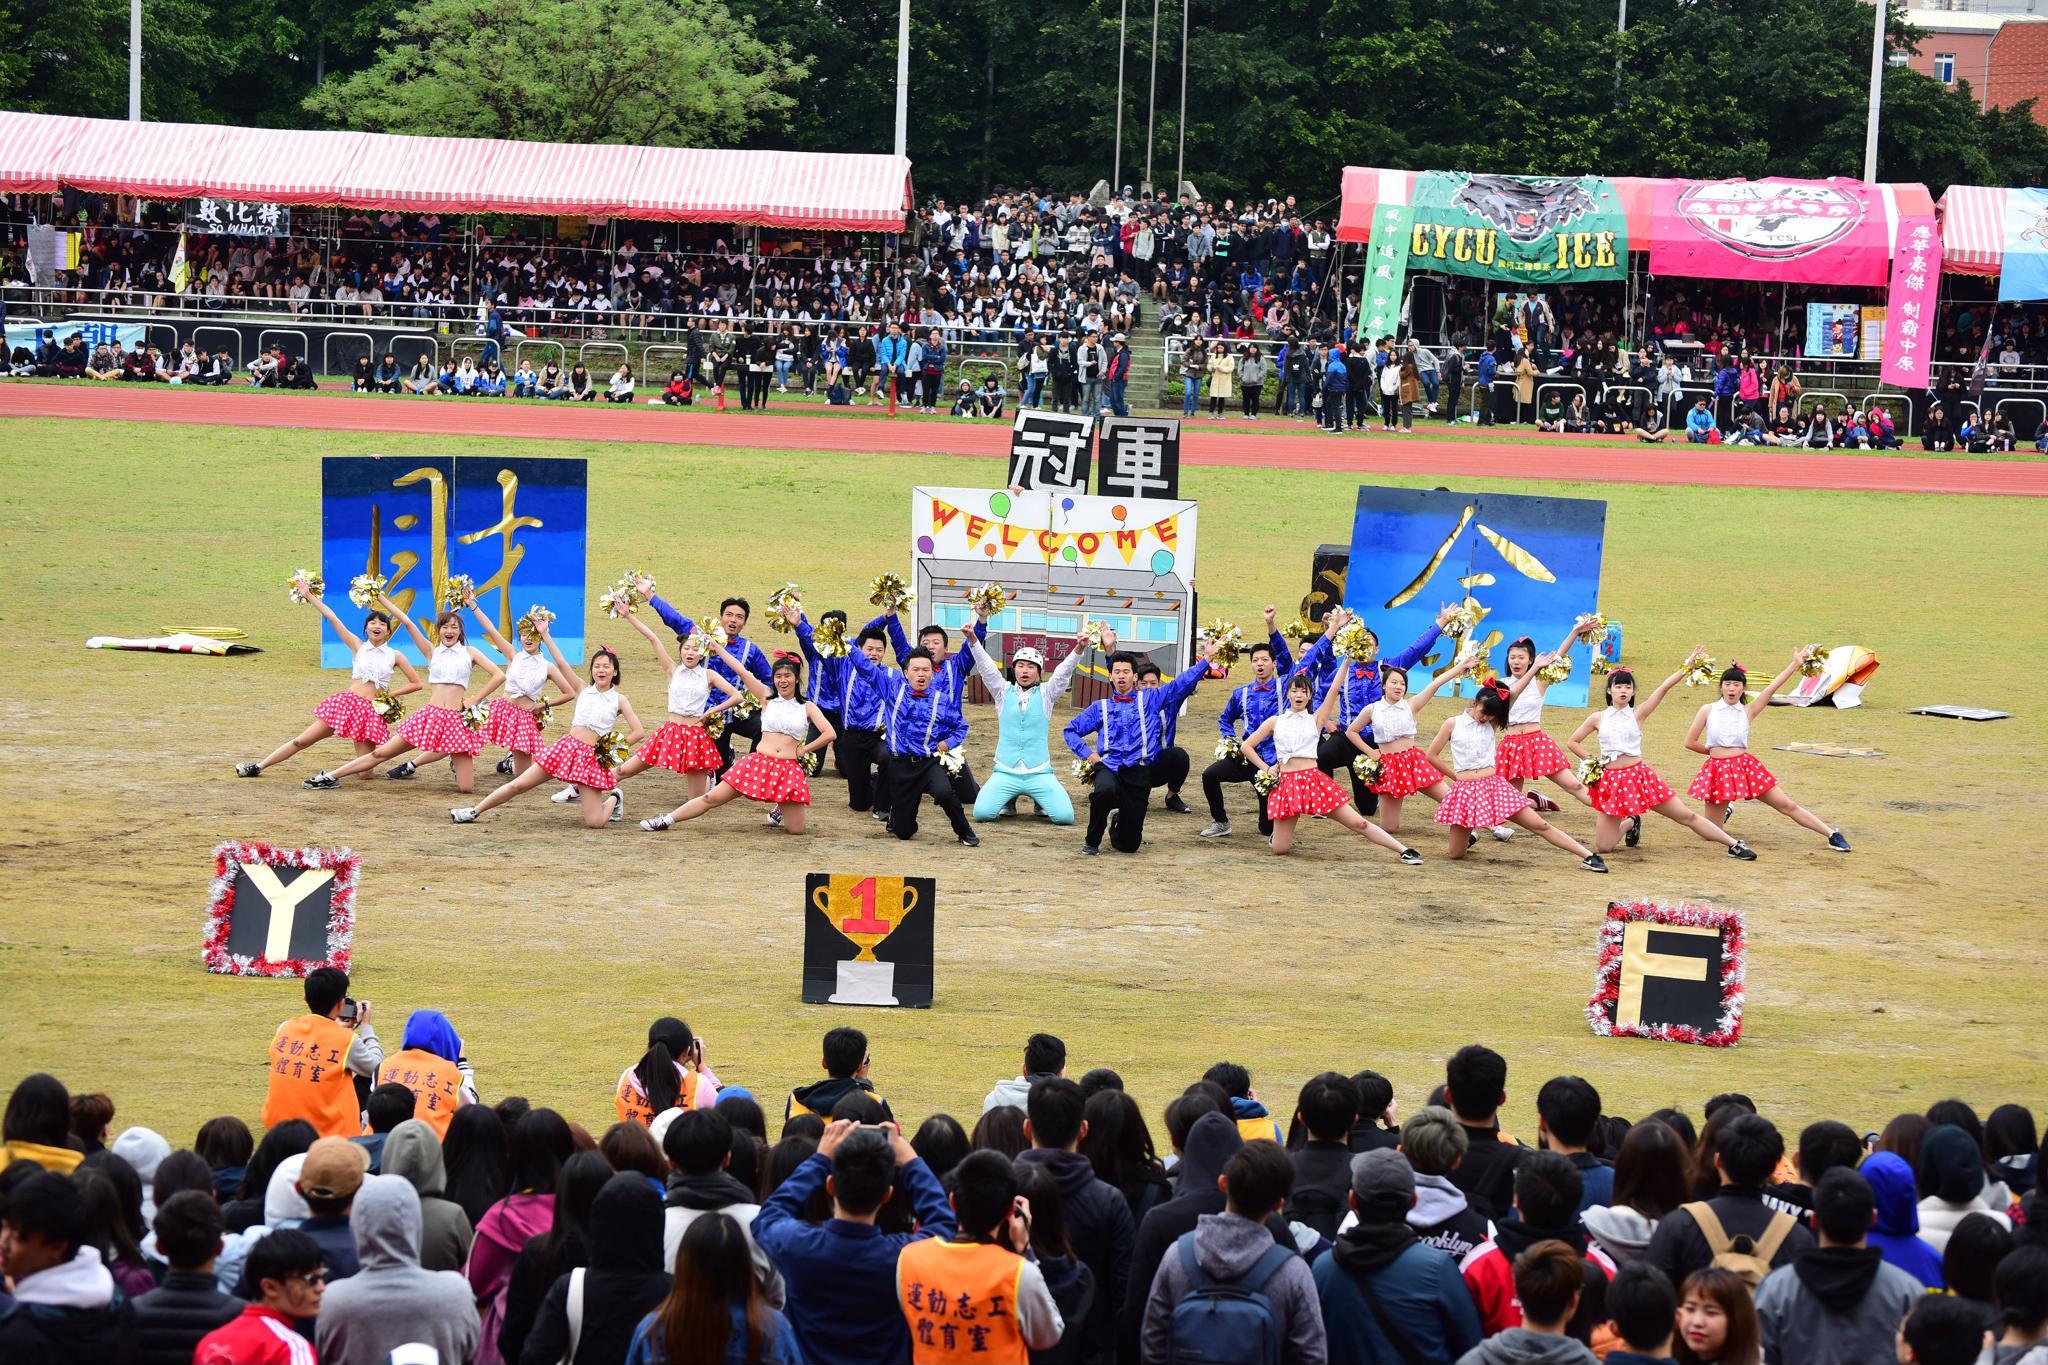 財金系以園遊會主題獲得第二名.JPG